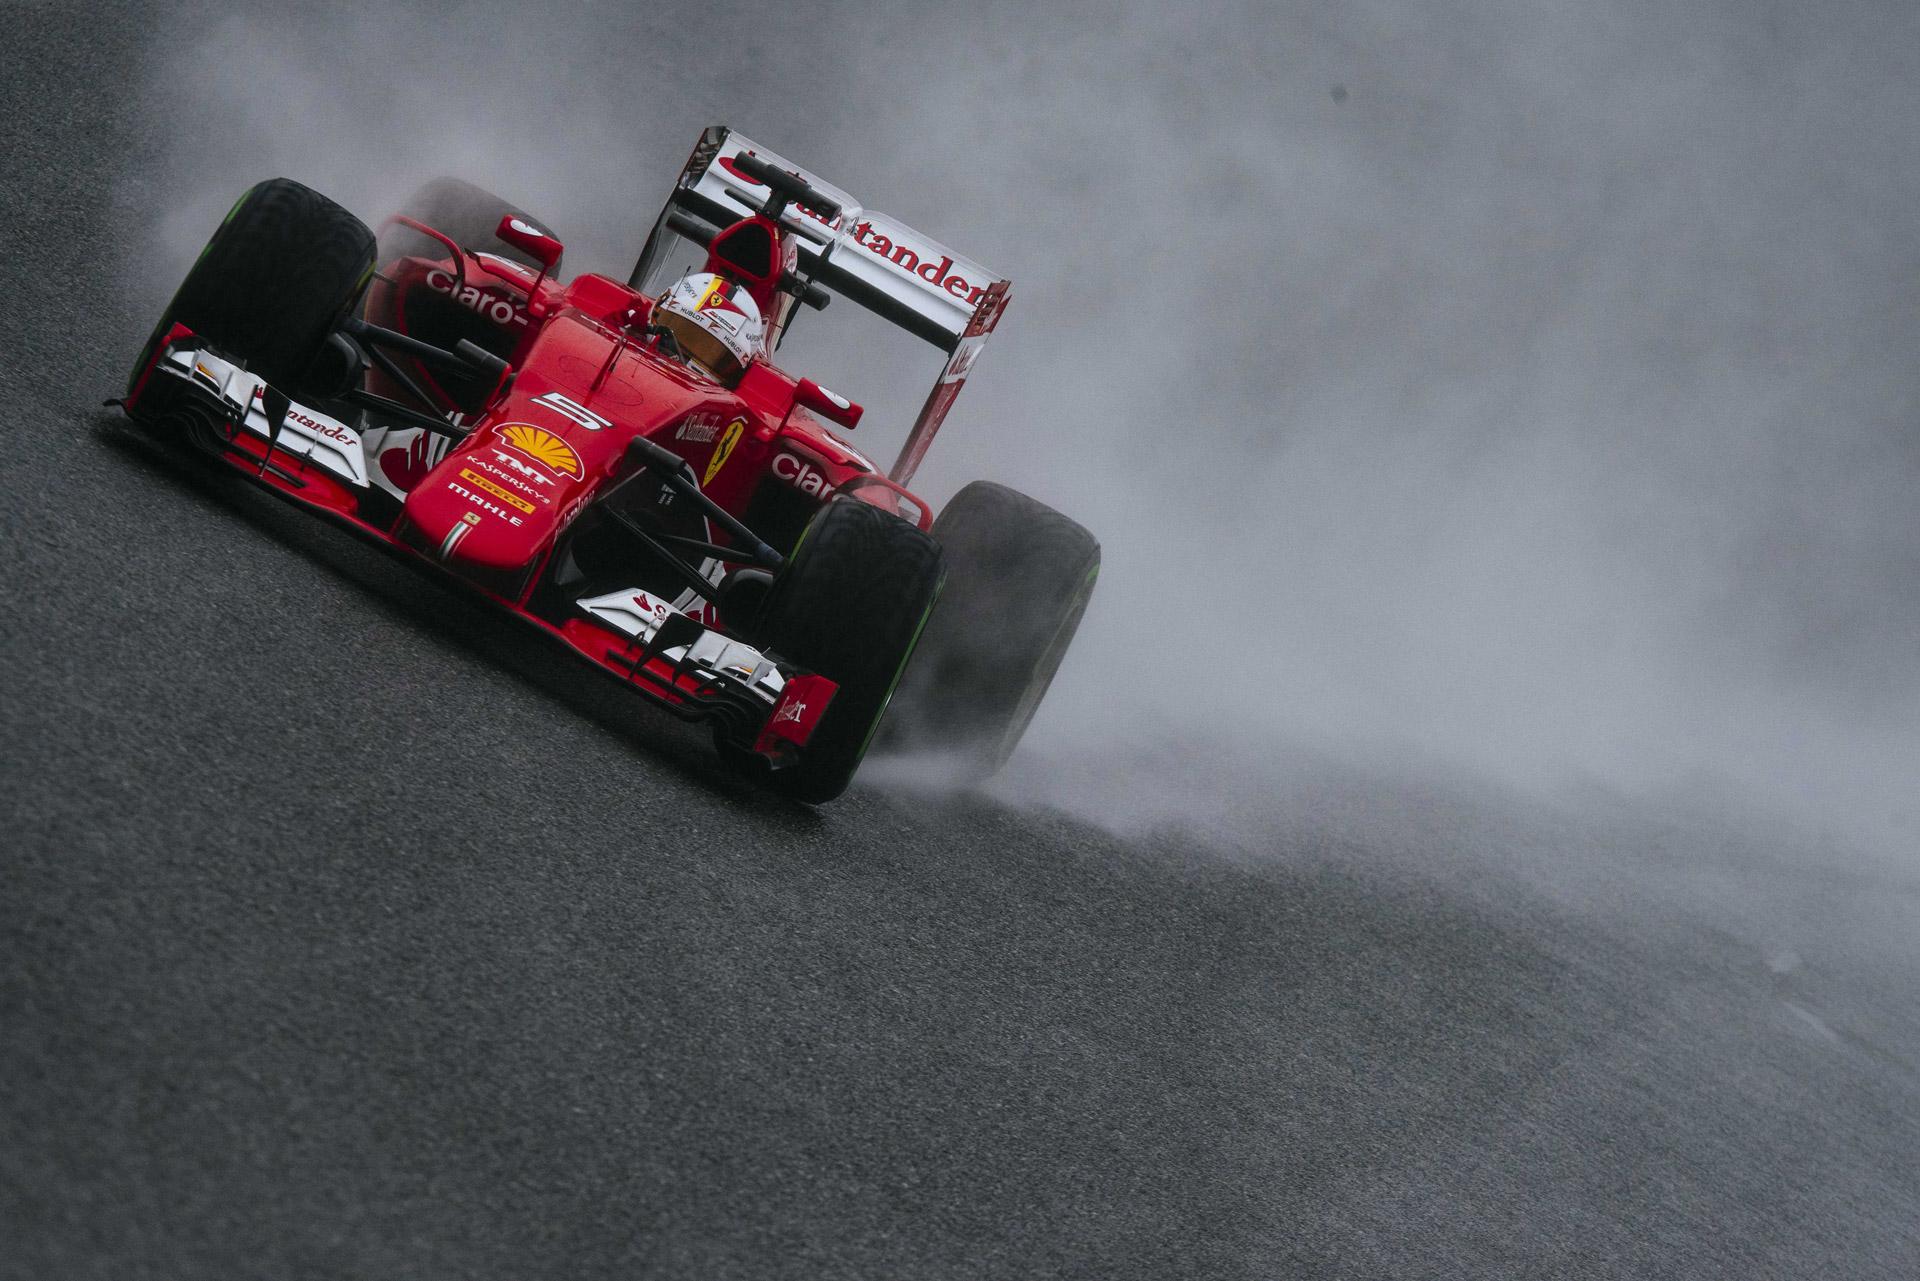 2015 Formula One Japanese Grand Prix Weather Forecast